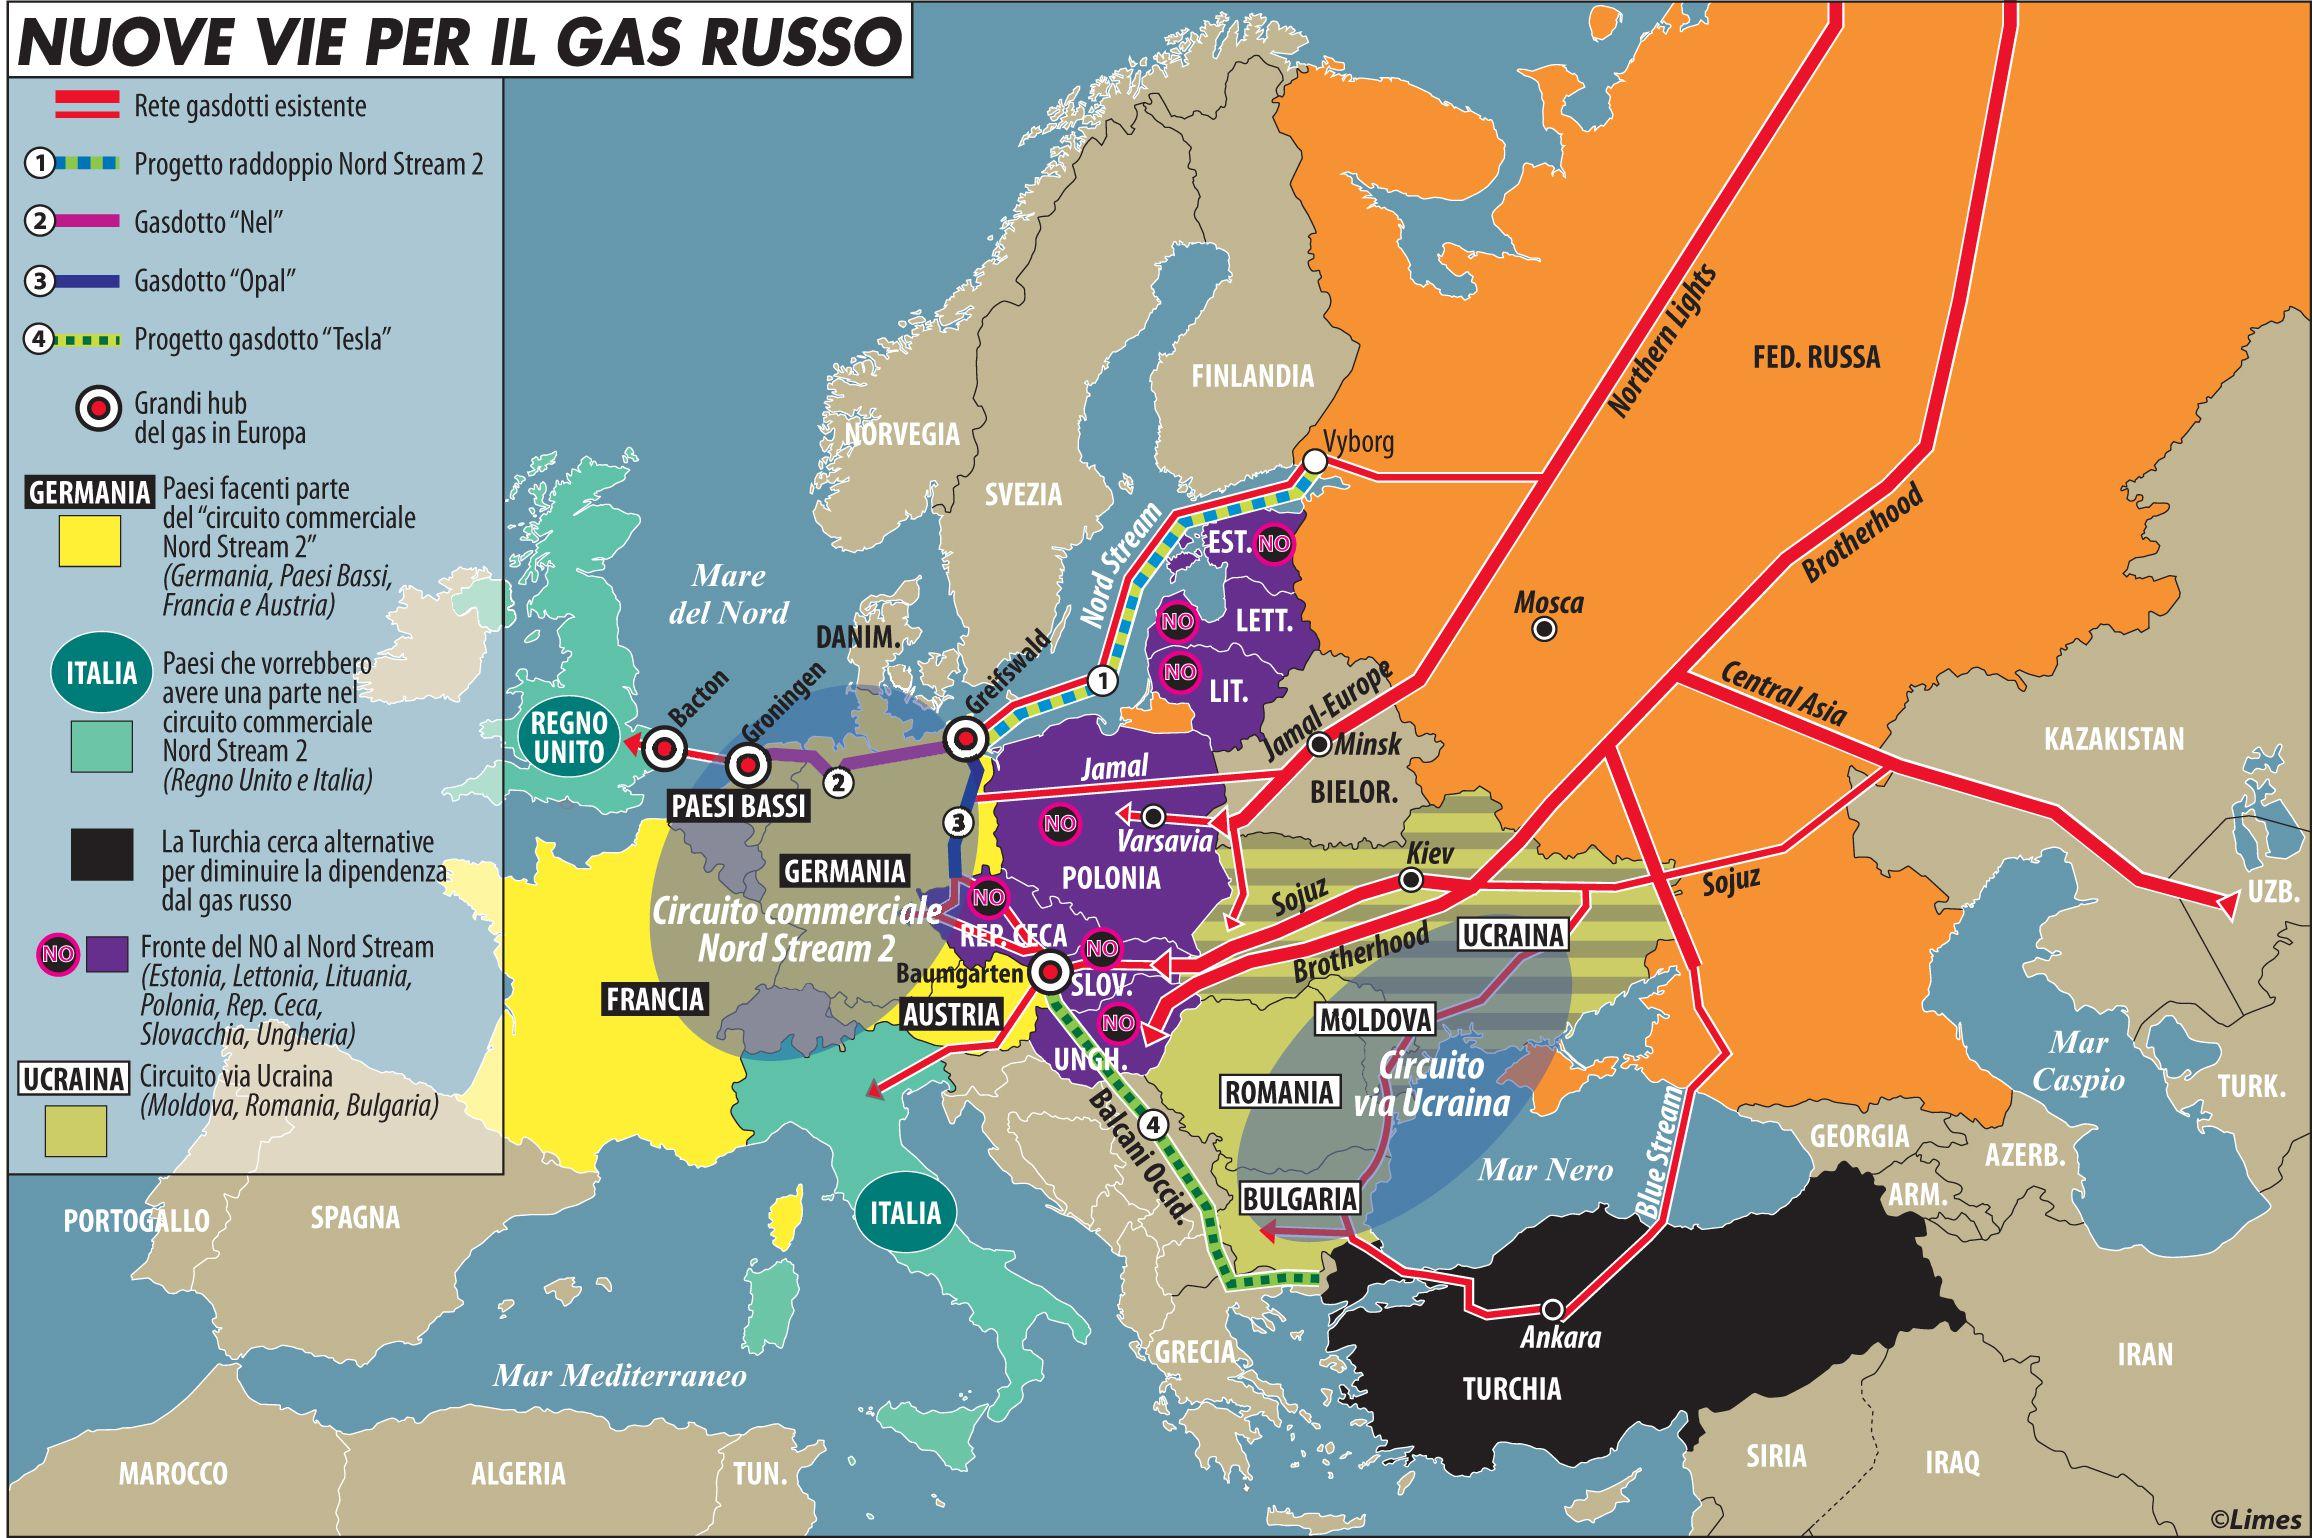 Nuove vie per il gas russo